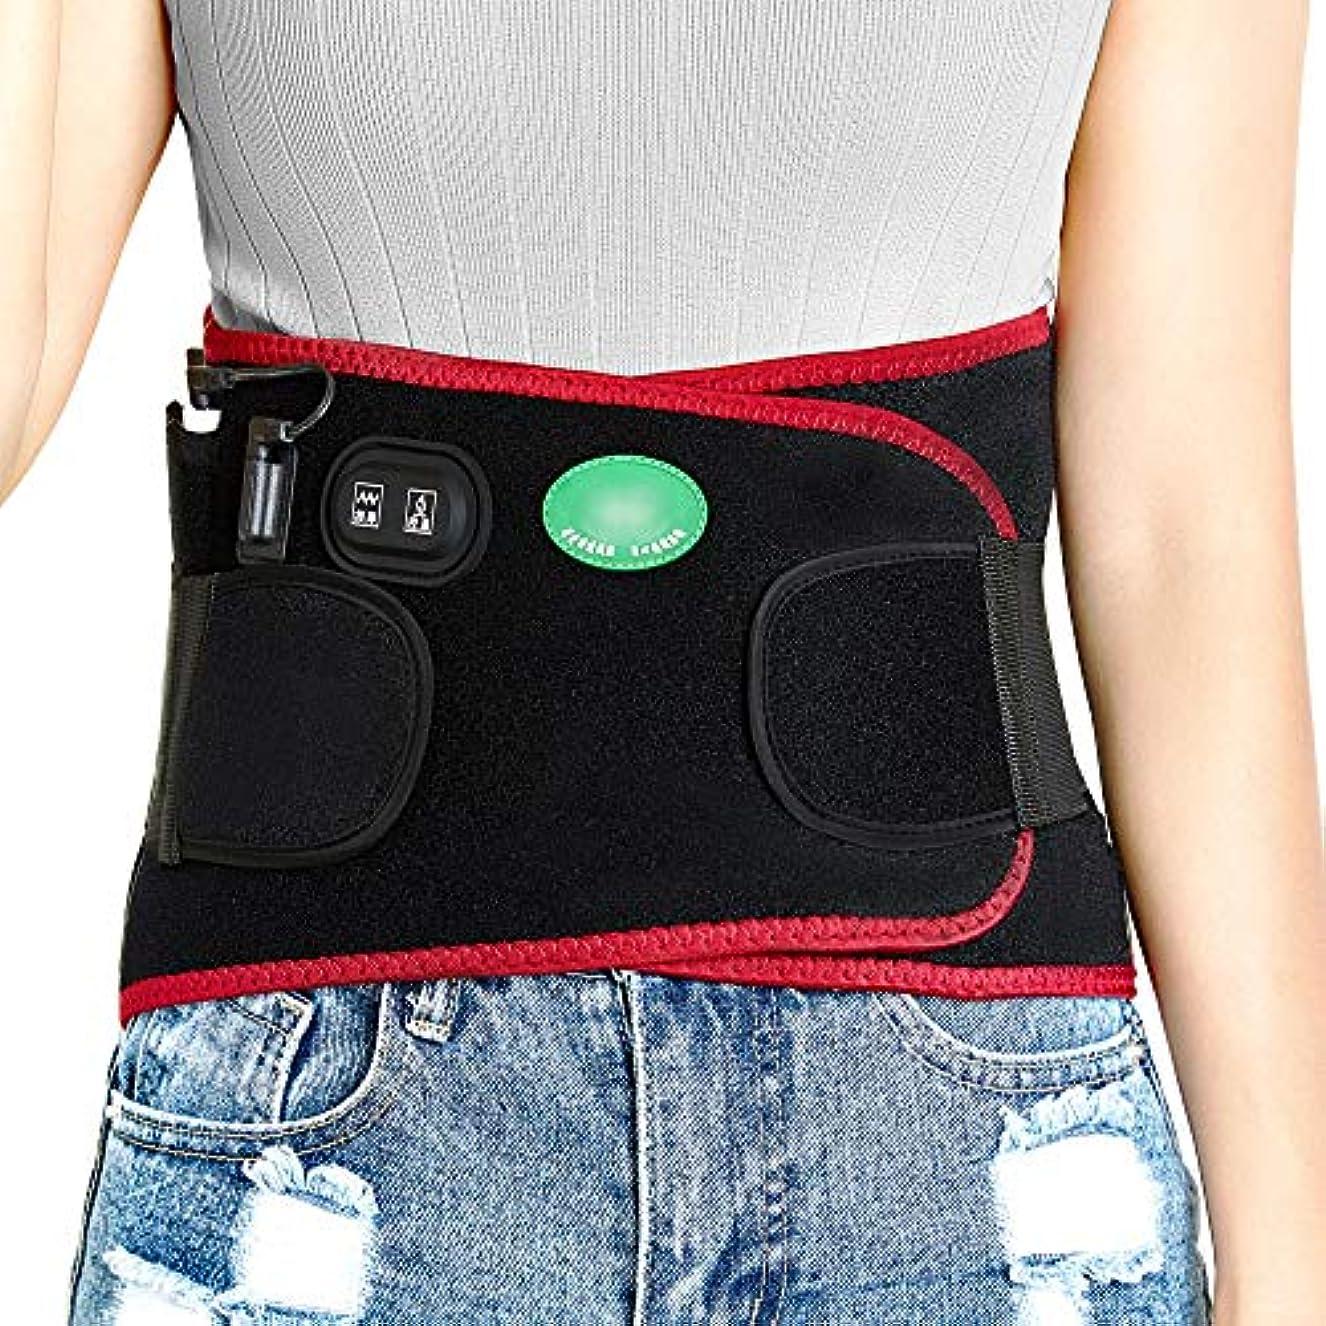 徹底忙しいコショウ腰用温熱ベルト 腰を支える 腰間盤際立っている 遠赤外線 腰椎の痛み緩和 3段階温度調節 充電式マッサージ振動する労損 熱をつける男女